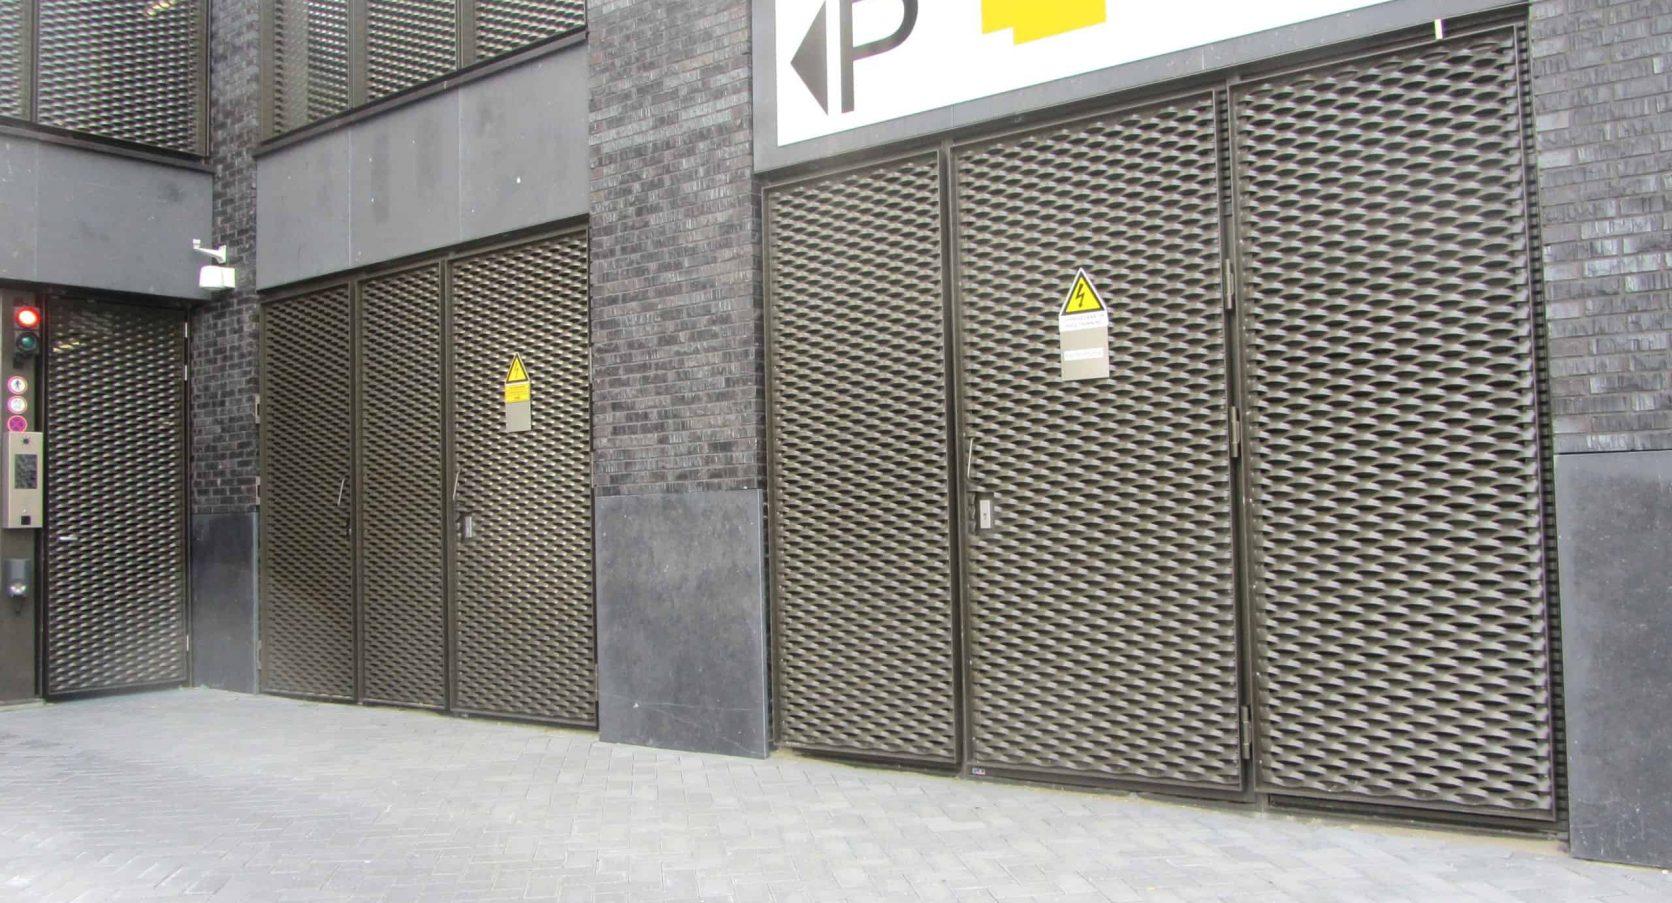 Brandwerende toegangsdeuren van MD Strekmetaal van de Parkeergarage Technolution in Gouda